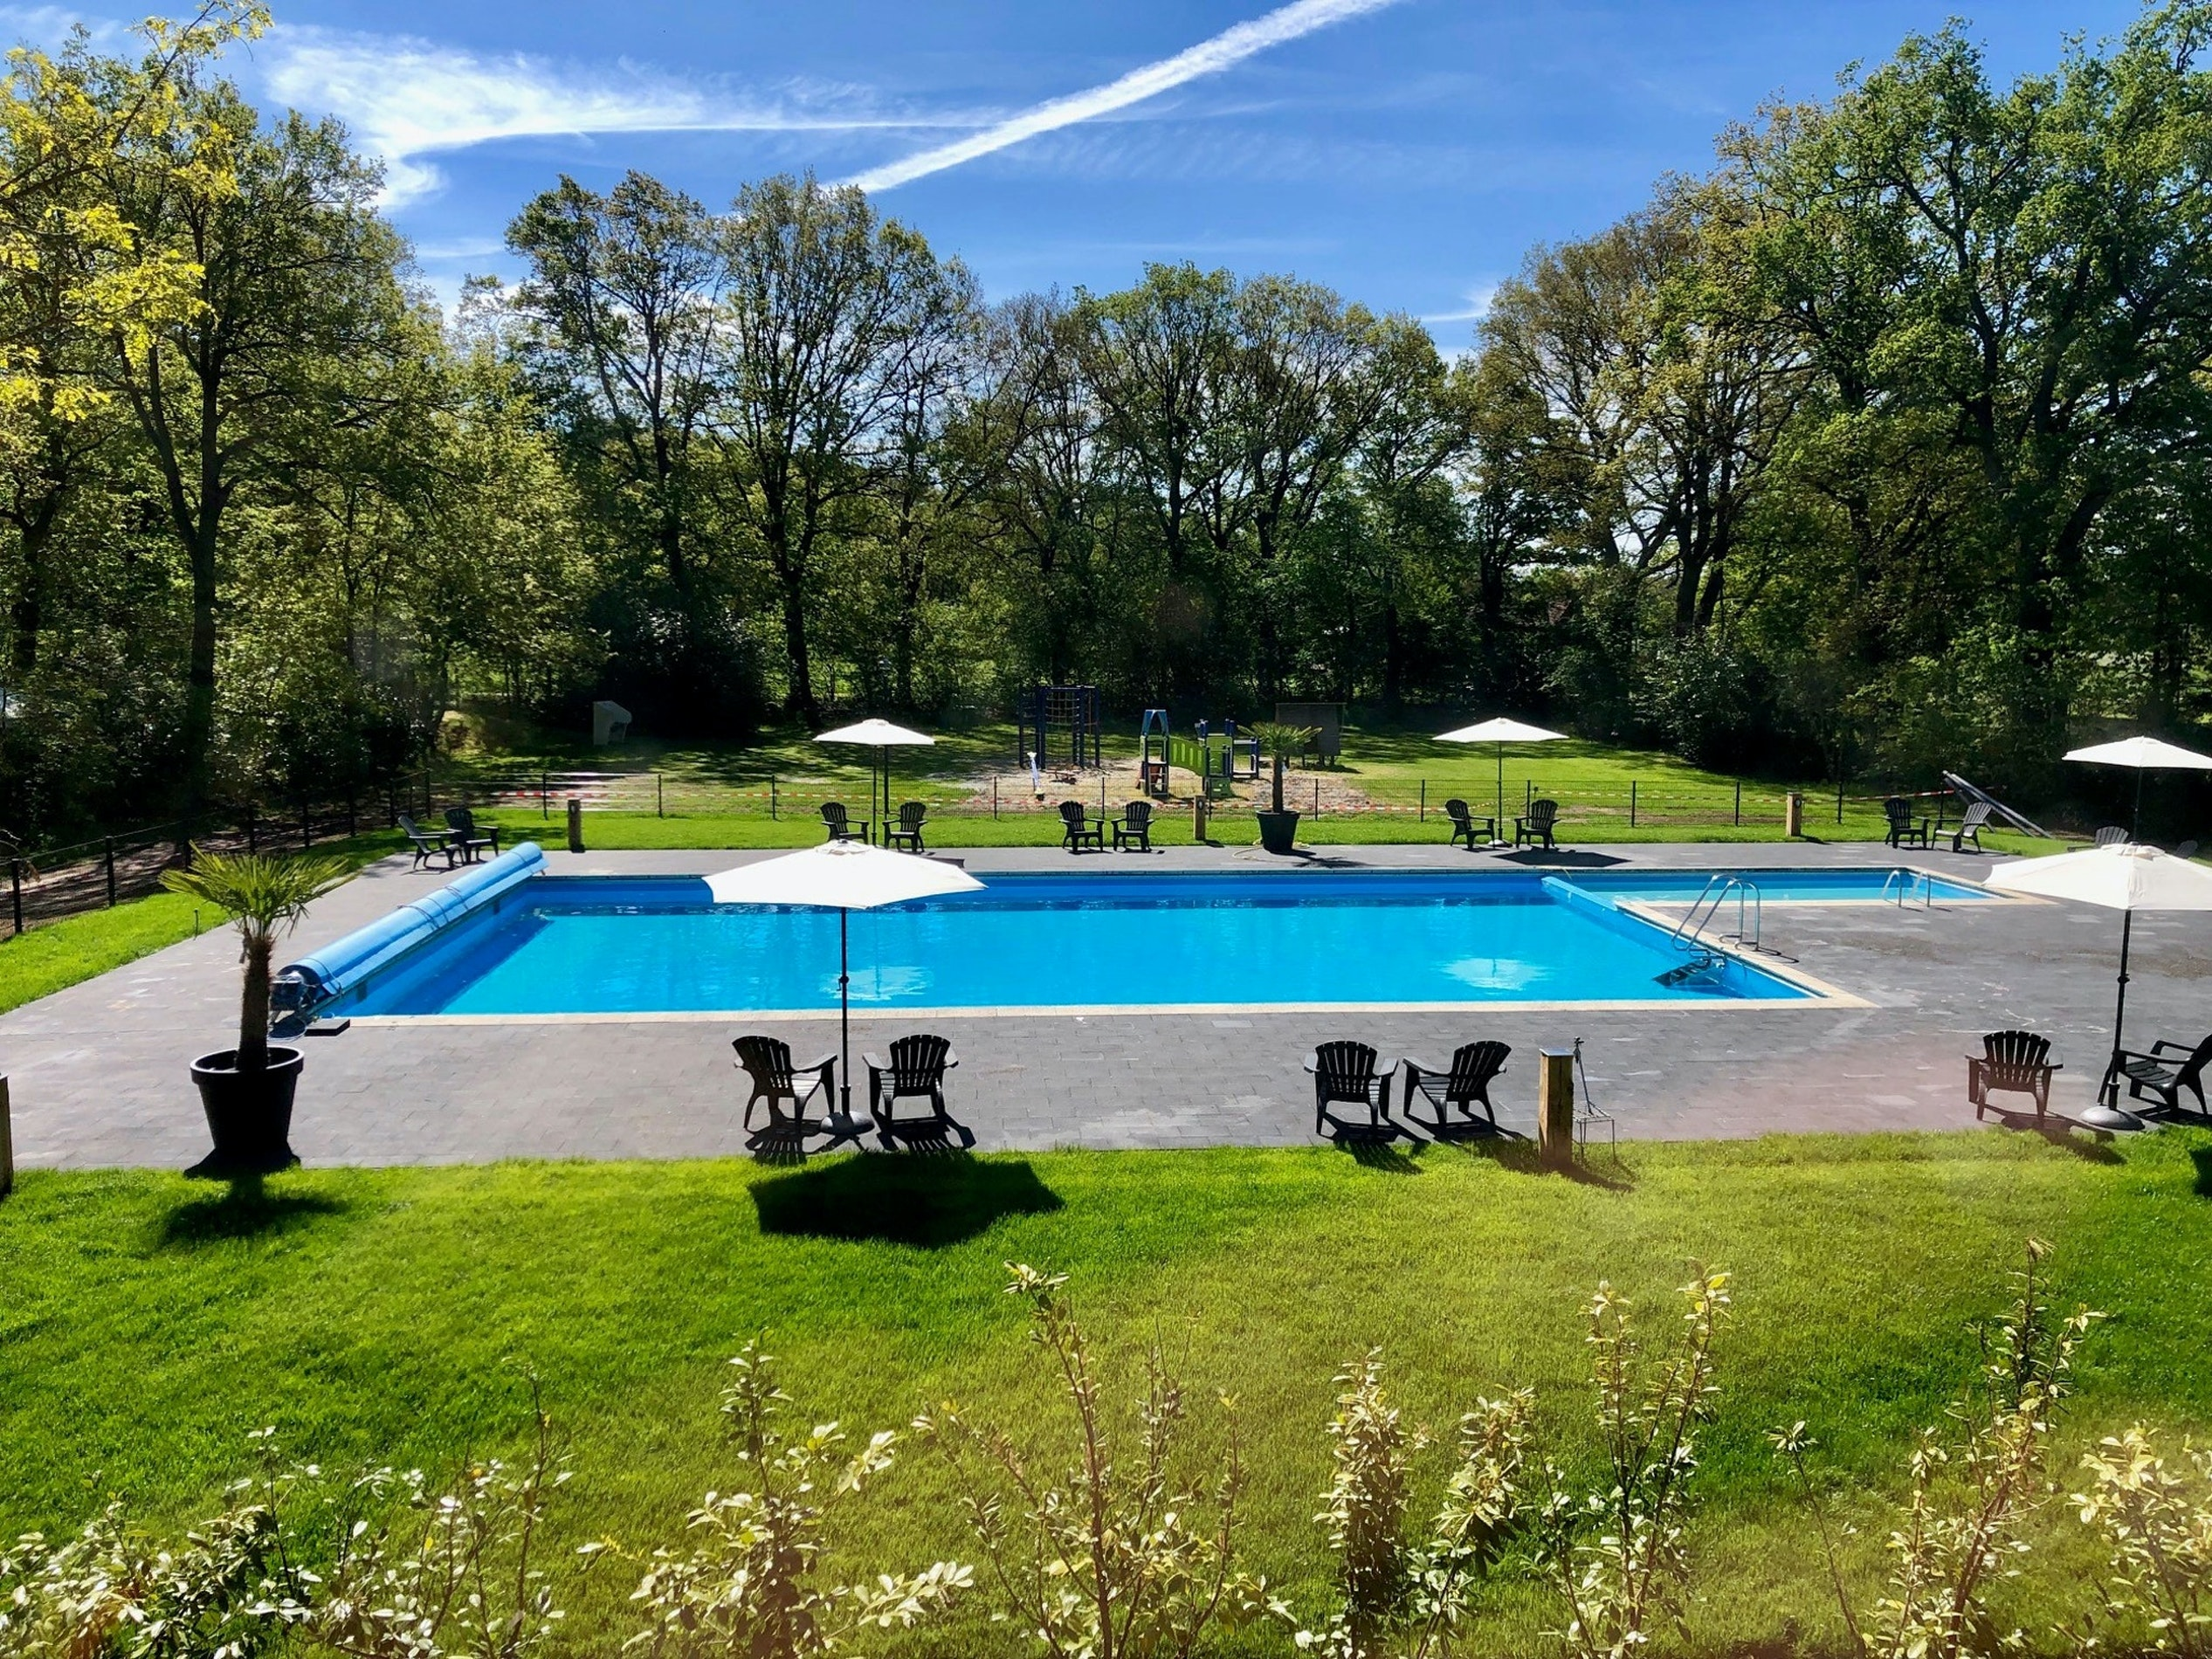 zwembad Kattenbergse Hoeve